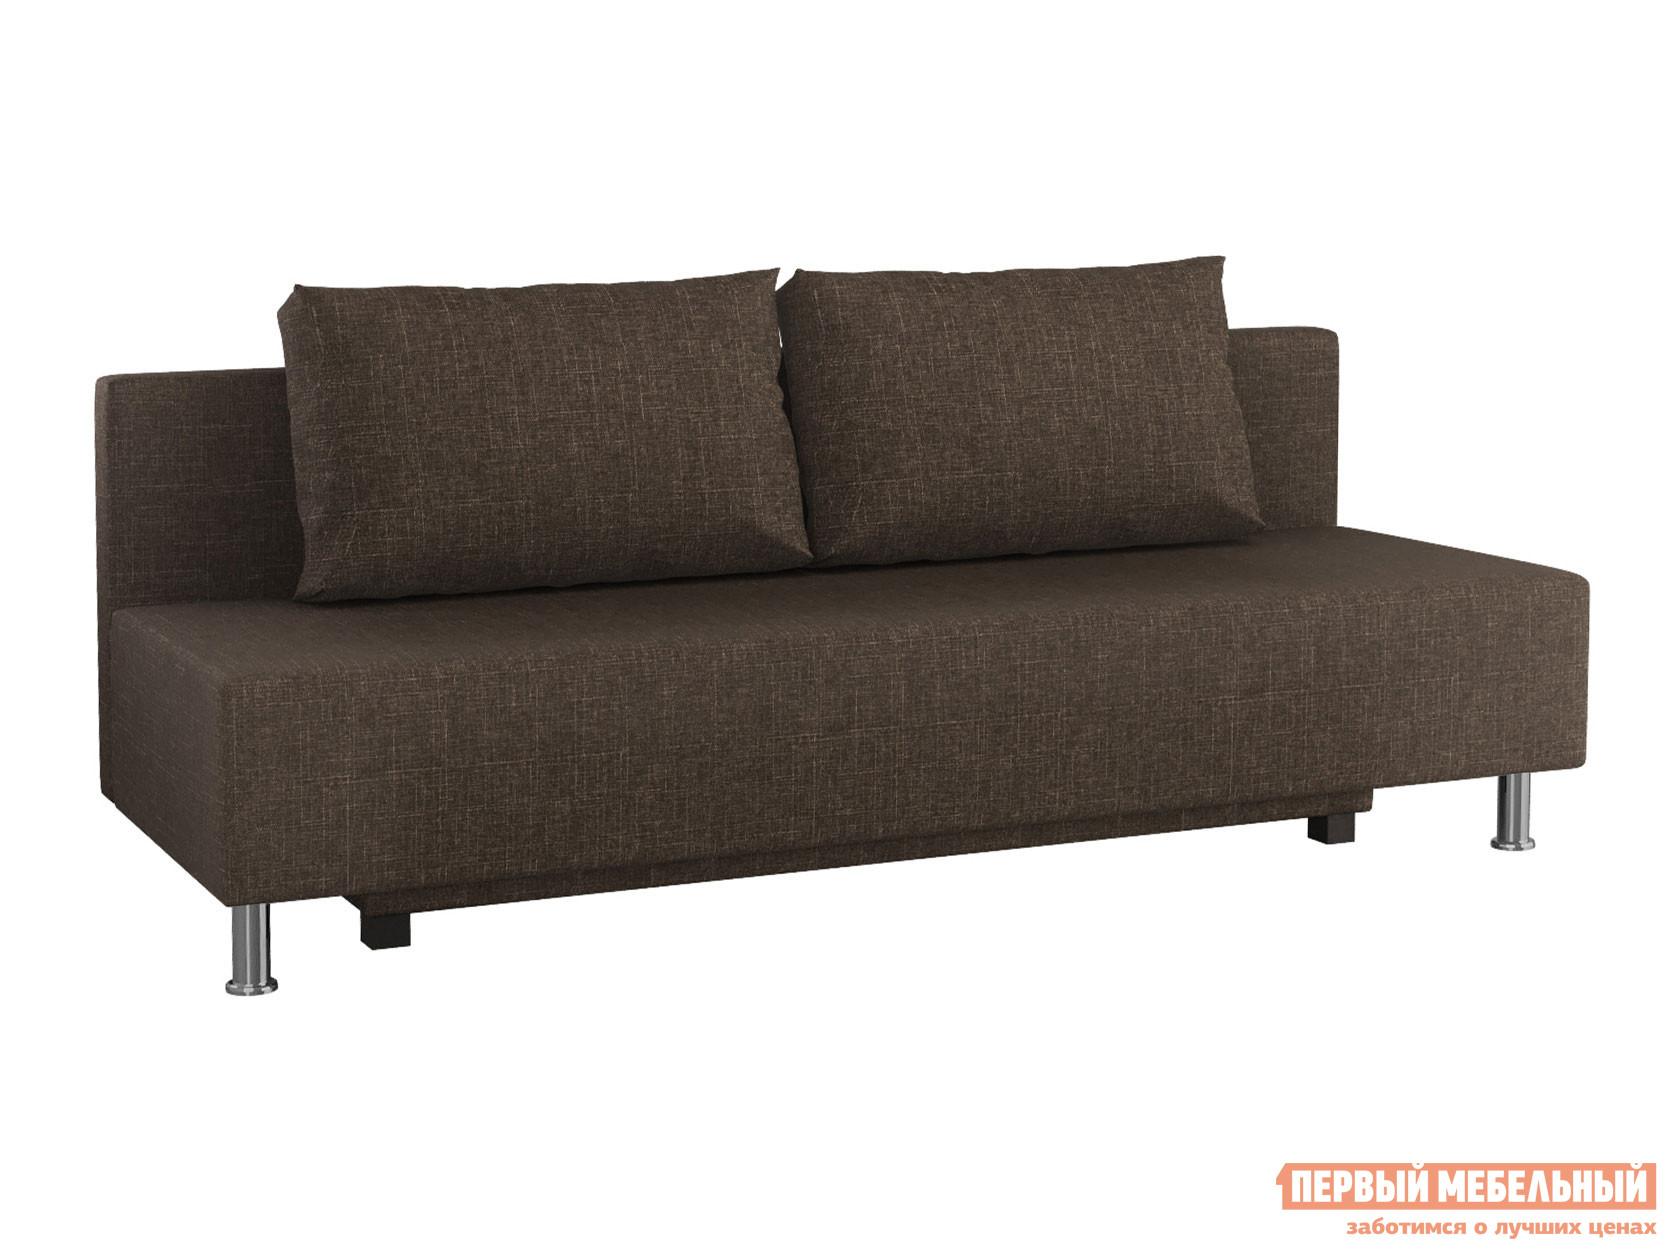 Прямой диван  Пари Коричневый, рогожка Мягкая Линия 130889